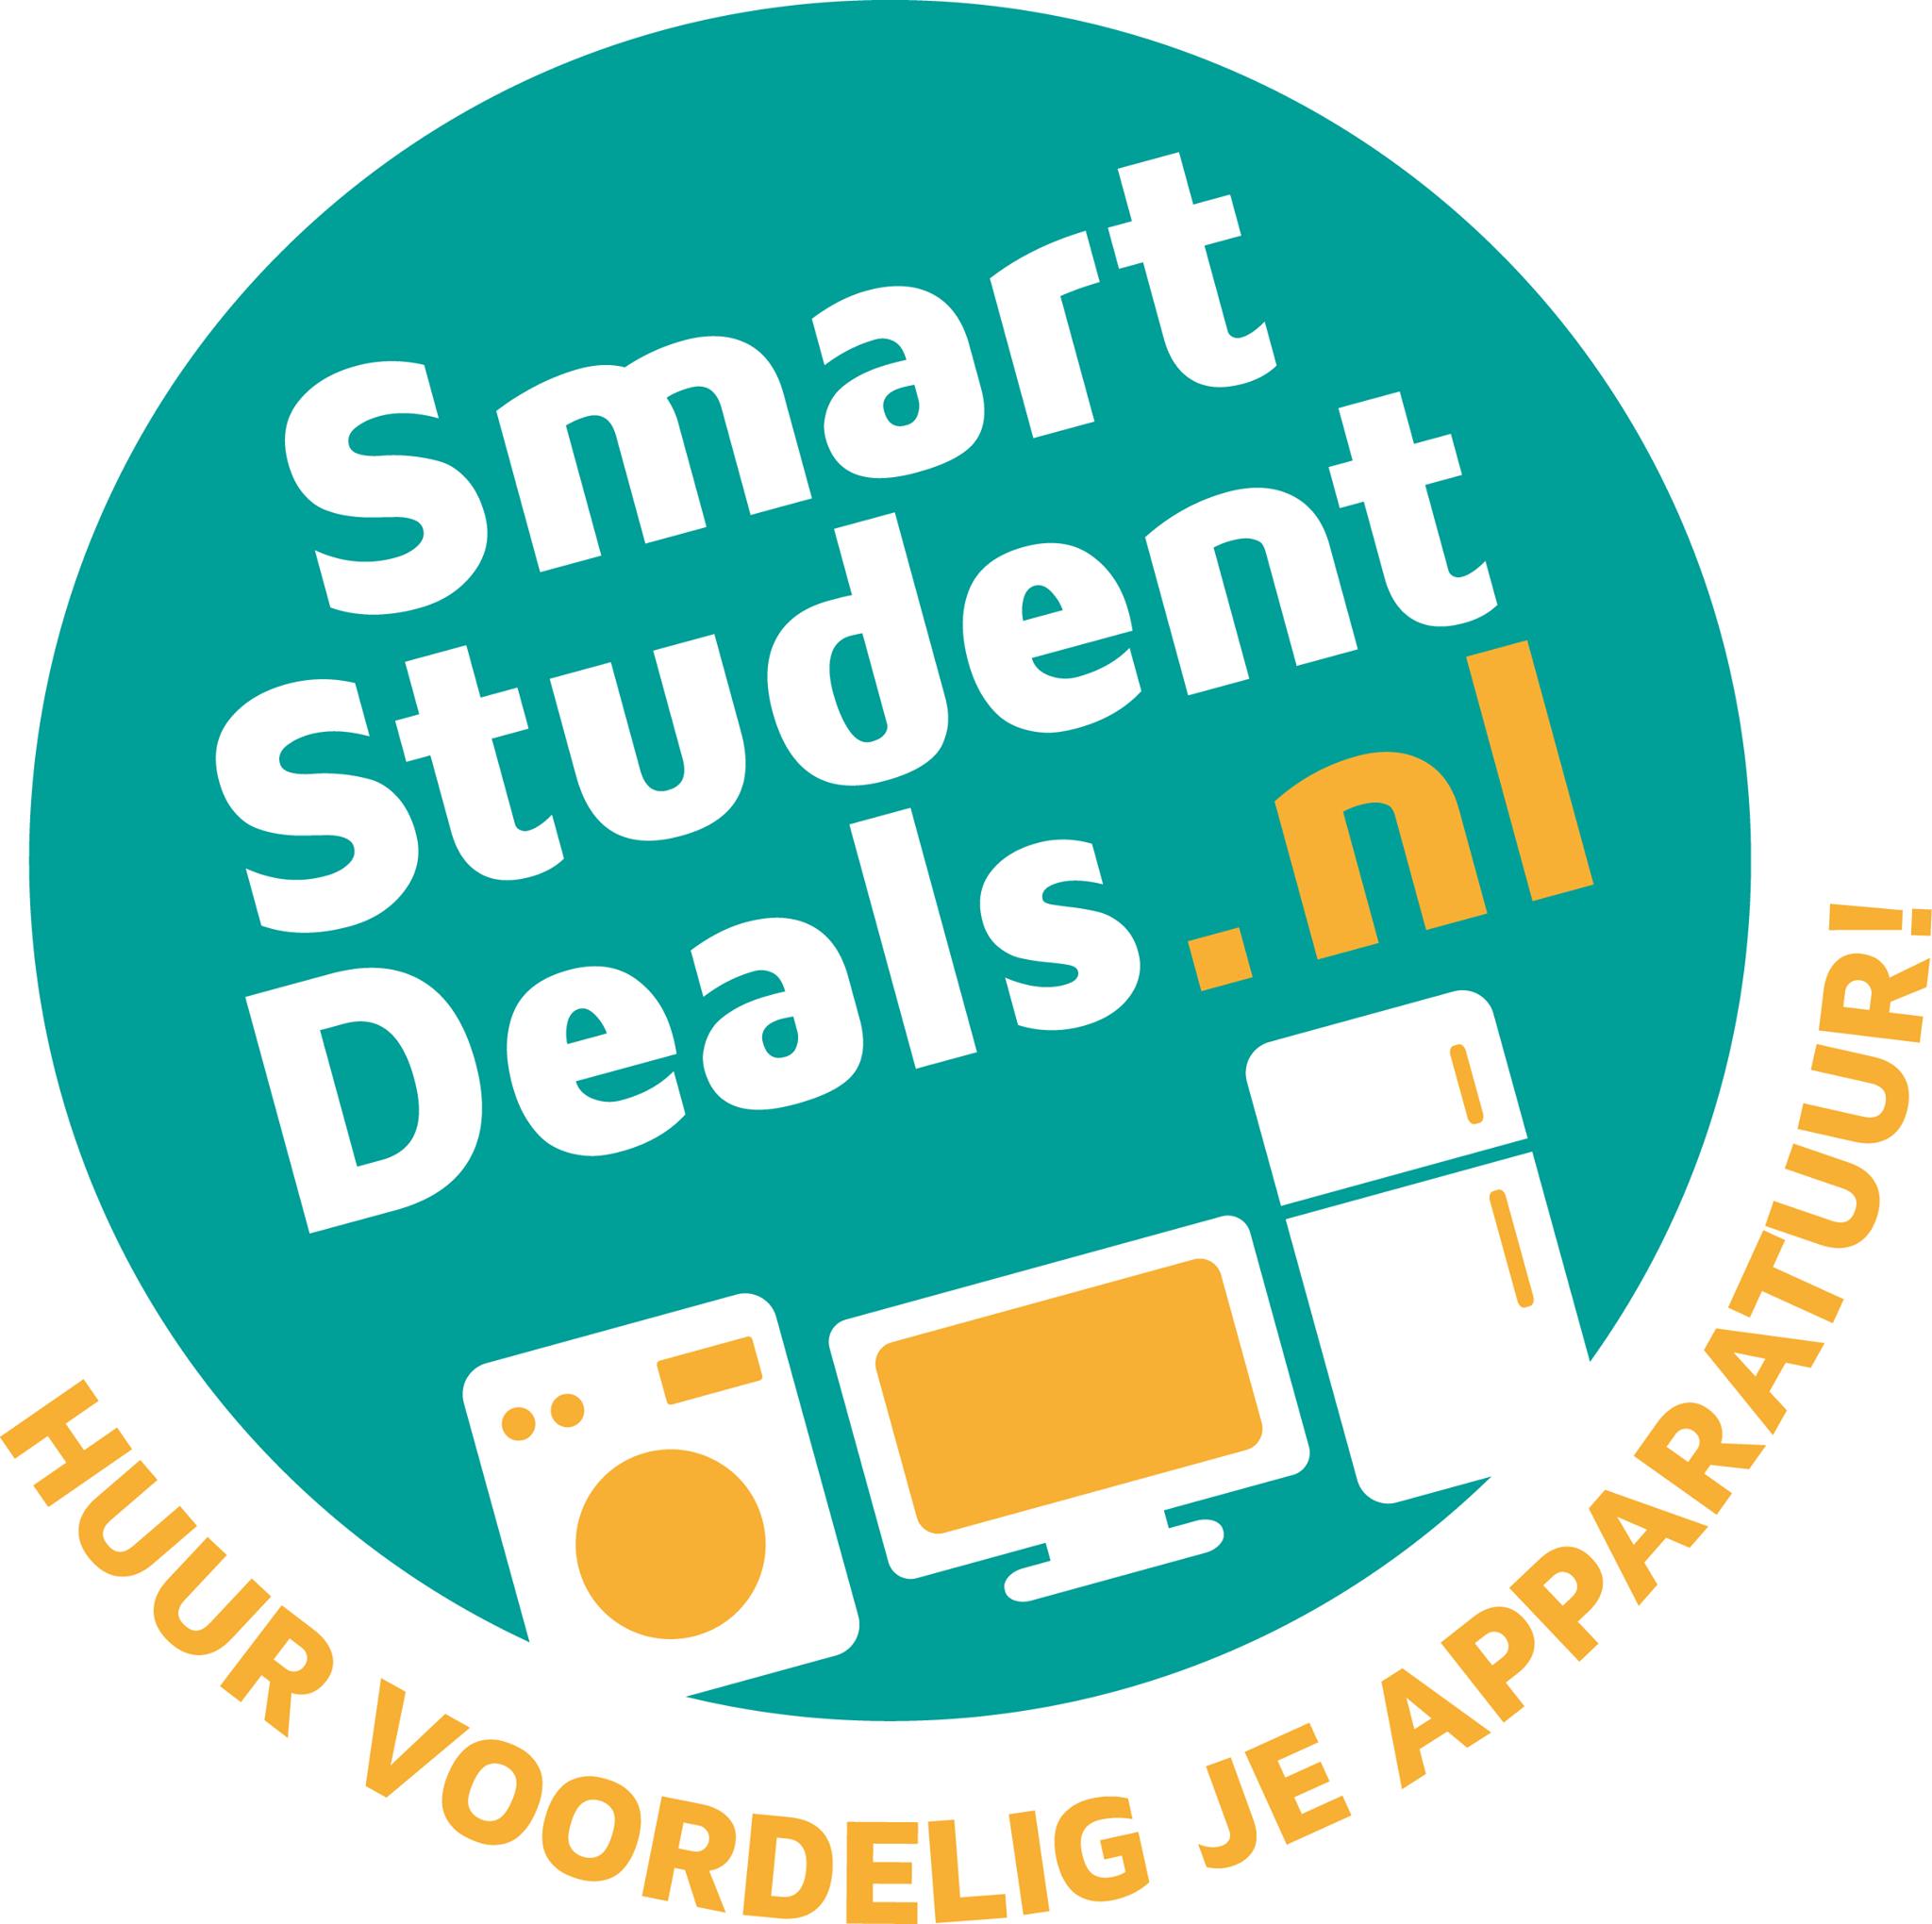 Smartstudentdeals.nl reviews, beoordelingen en ervaringen